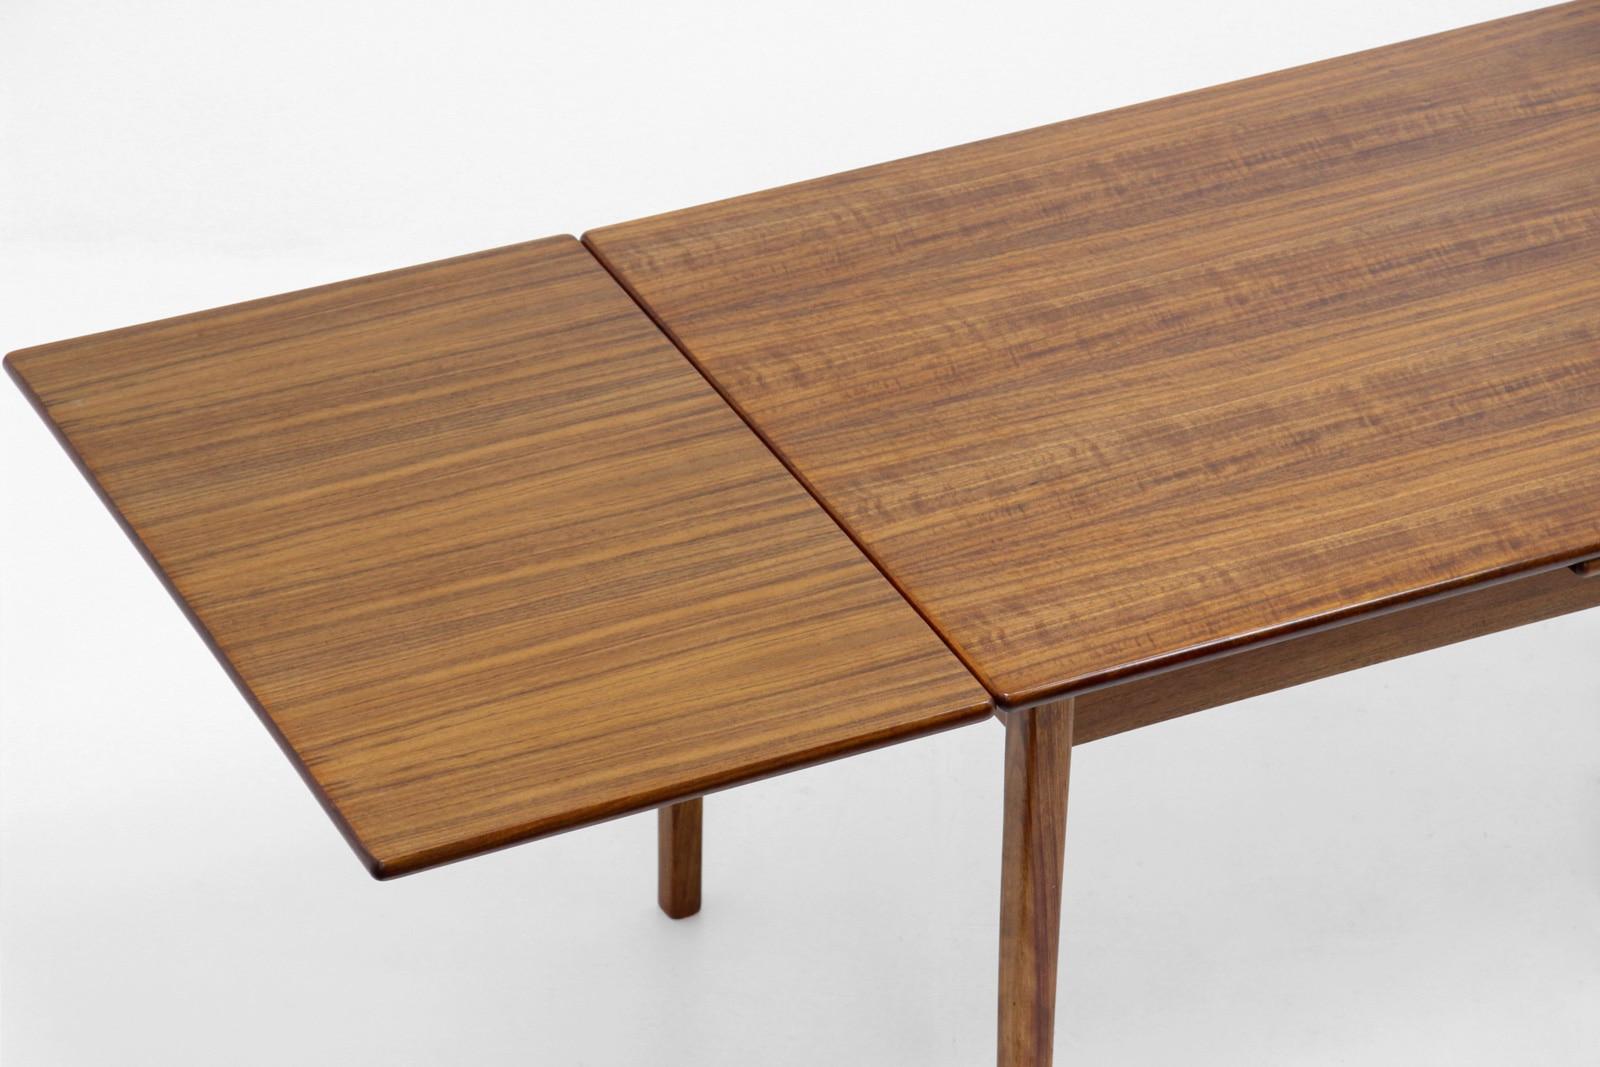 ヴィンテージ,北欧,ダイニングテーブル,角脚,幅128cm